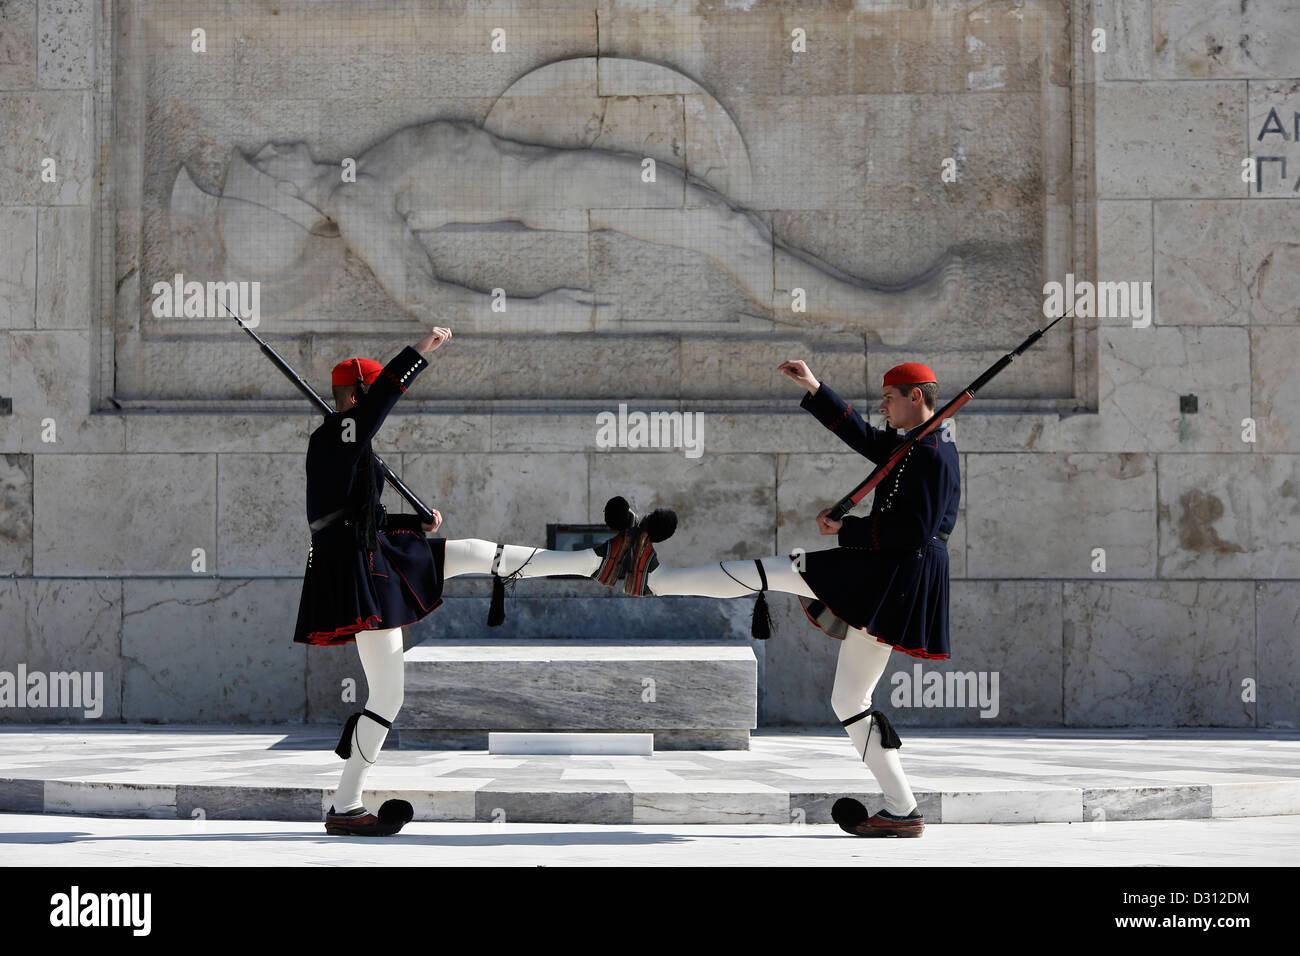 Las guardias presidenciales (Evzones) realizar delante de la Tumba del Soldado Desconocido, de Atenas, Grecia. Imagen De Stock